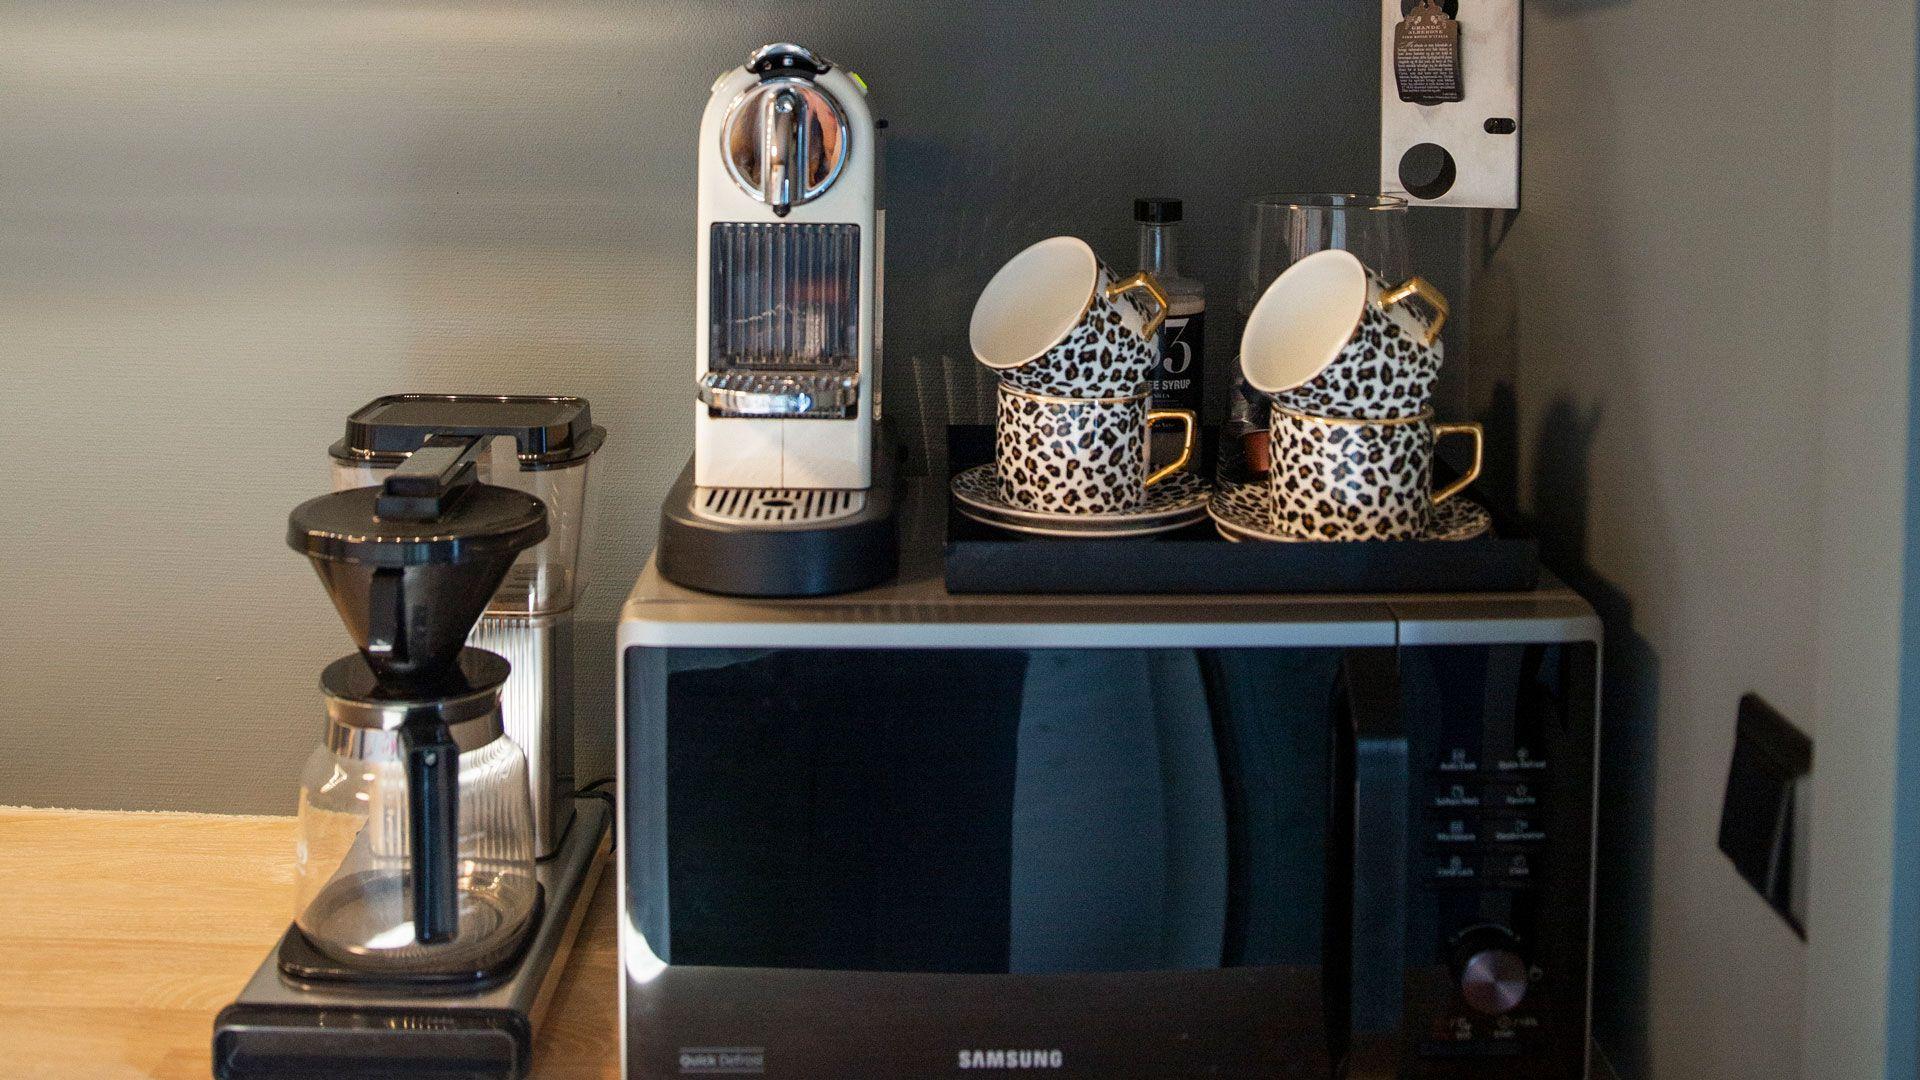 Kaffekopper på kjøkken